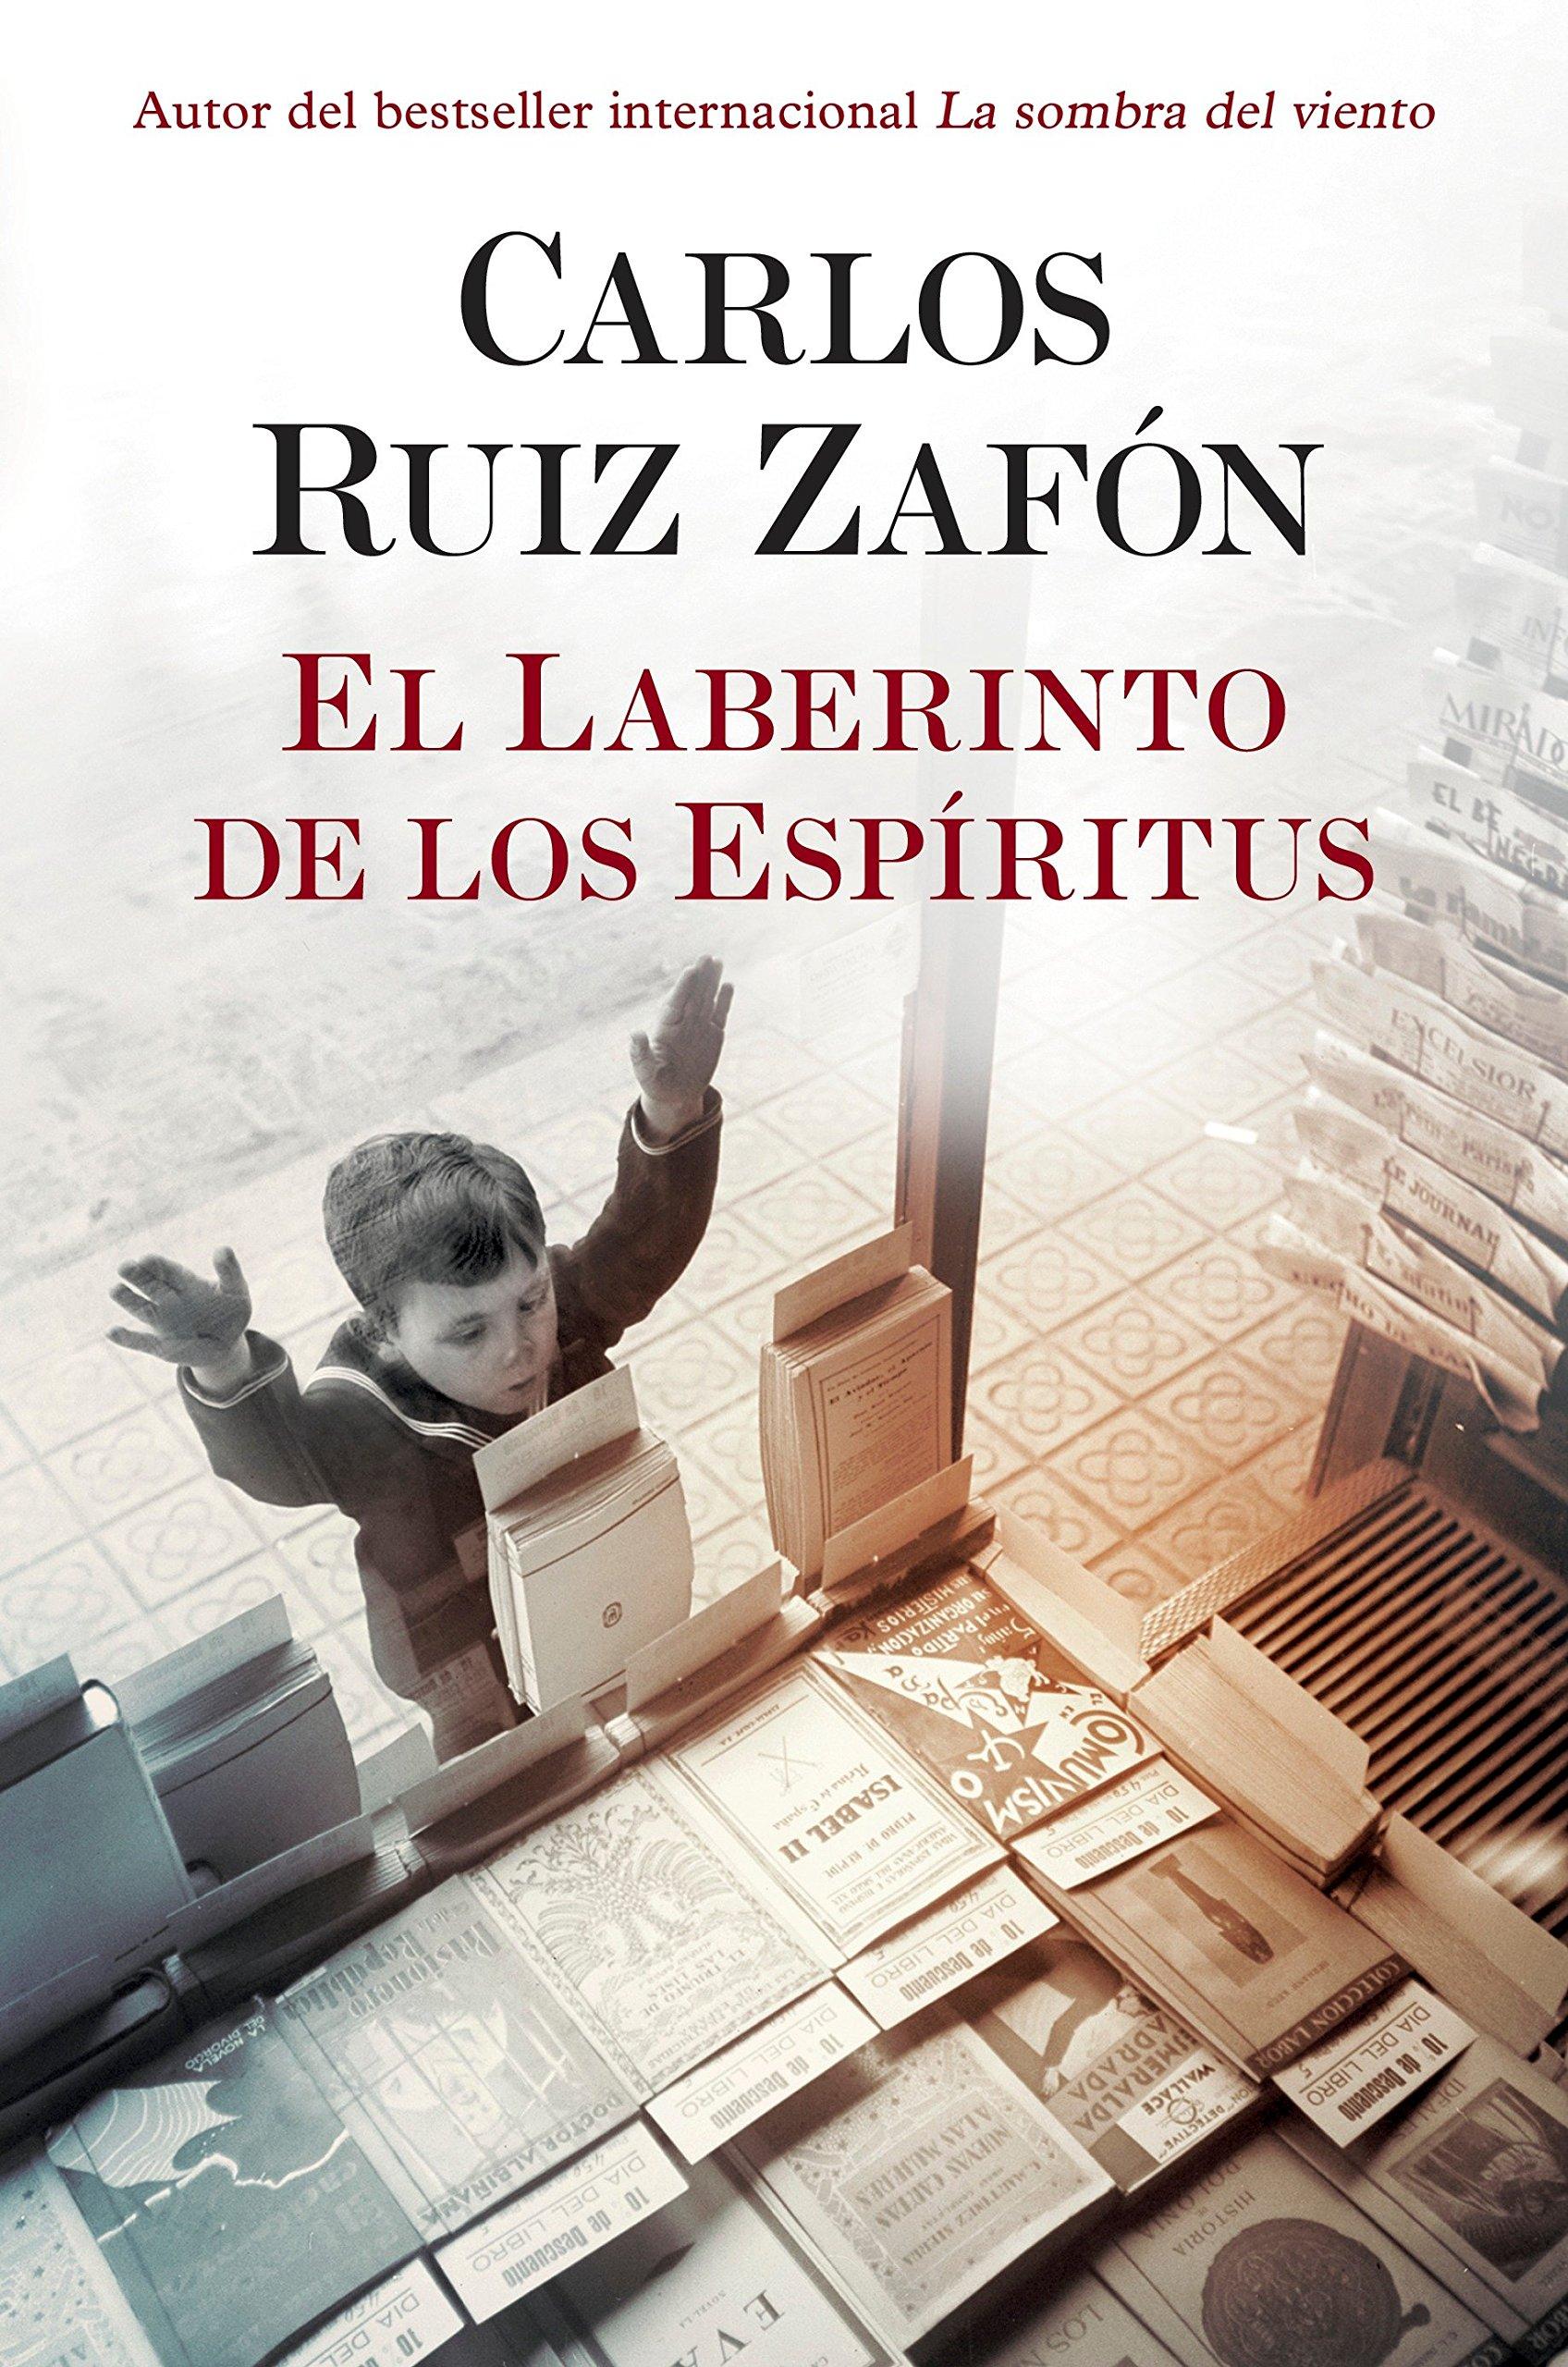 El Laberinto de los Espiritus (El cementerio de los libros olvidados) (Spanish  Edition): Carlos Ruiz Zafon: 9780525562887: Amazon.com: Books